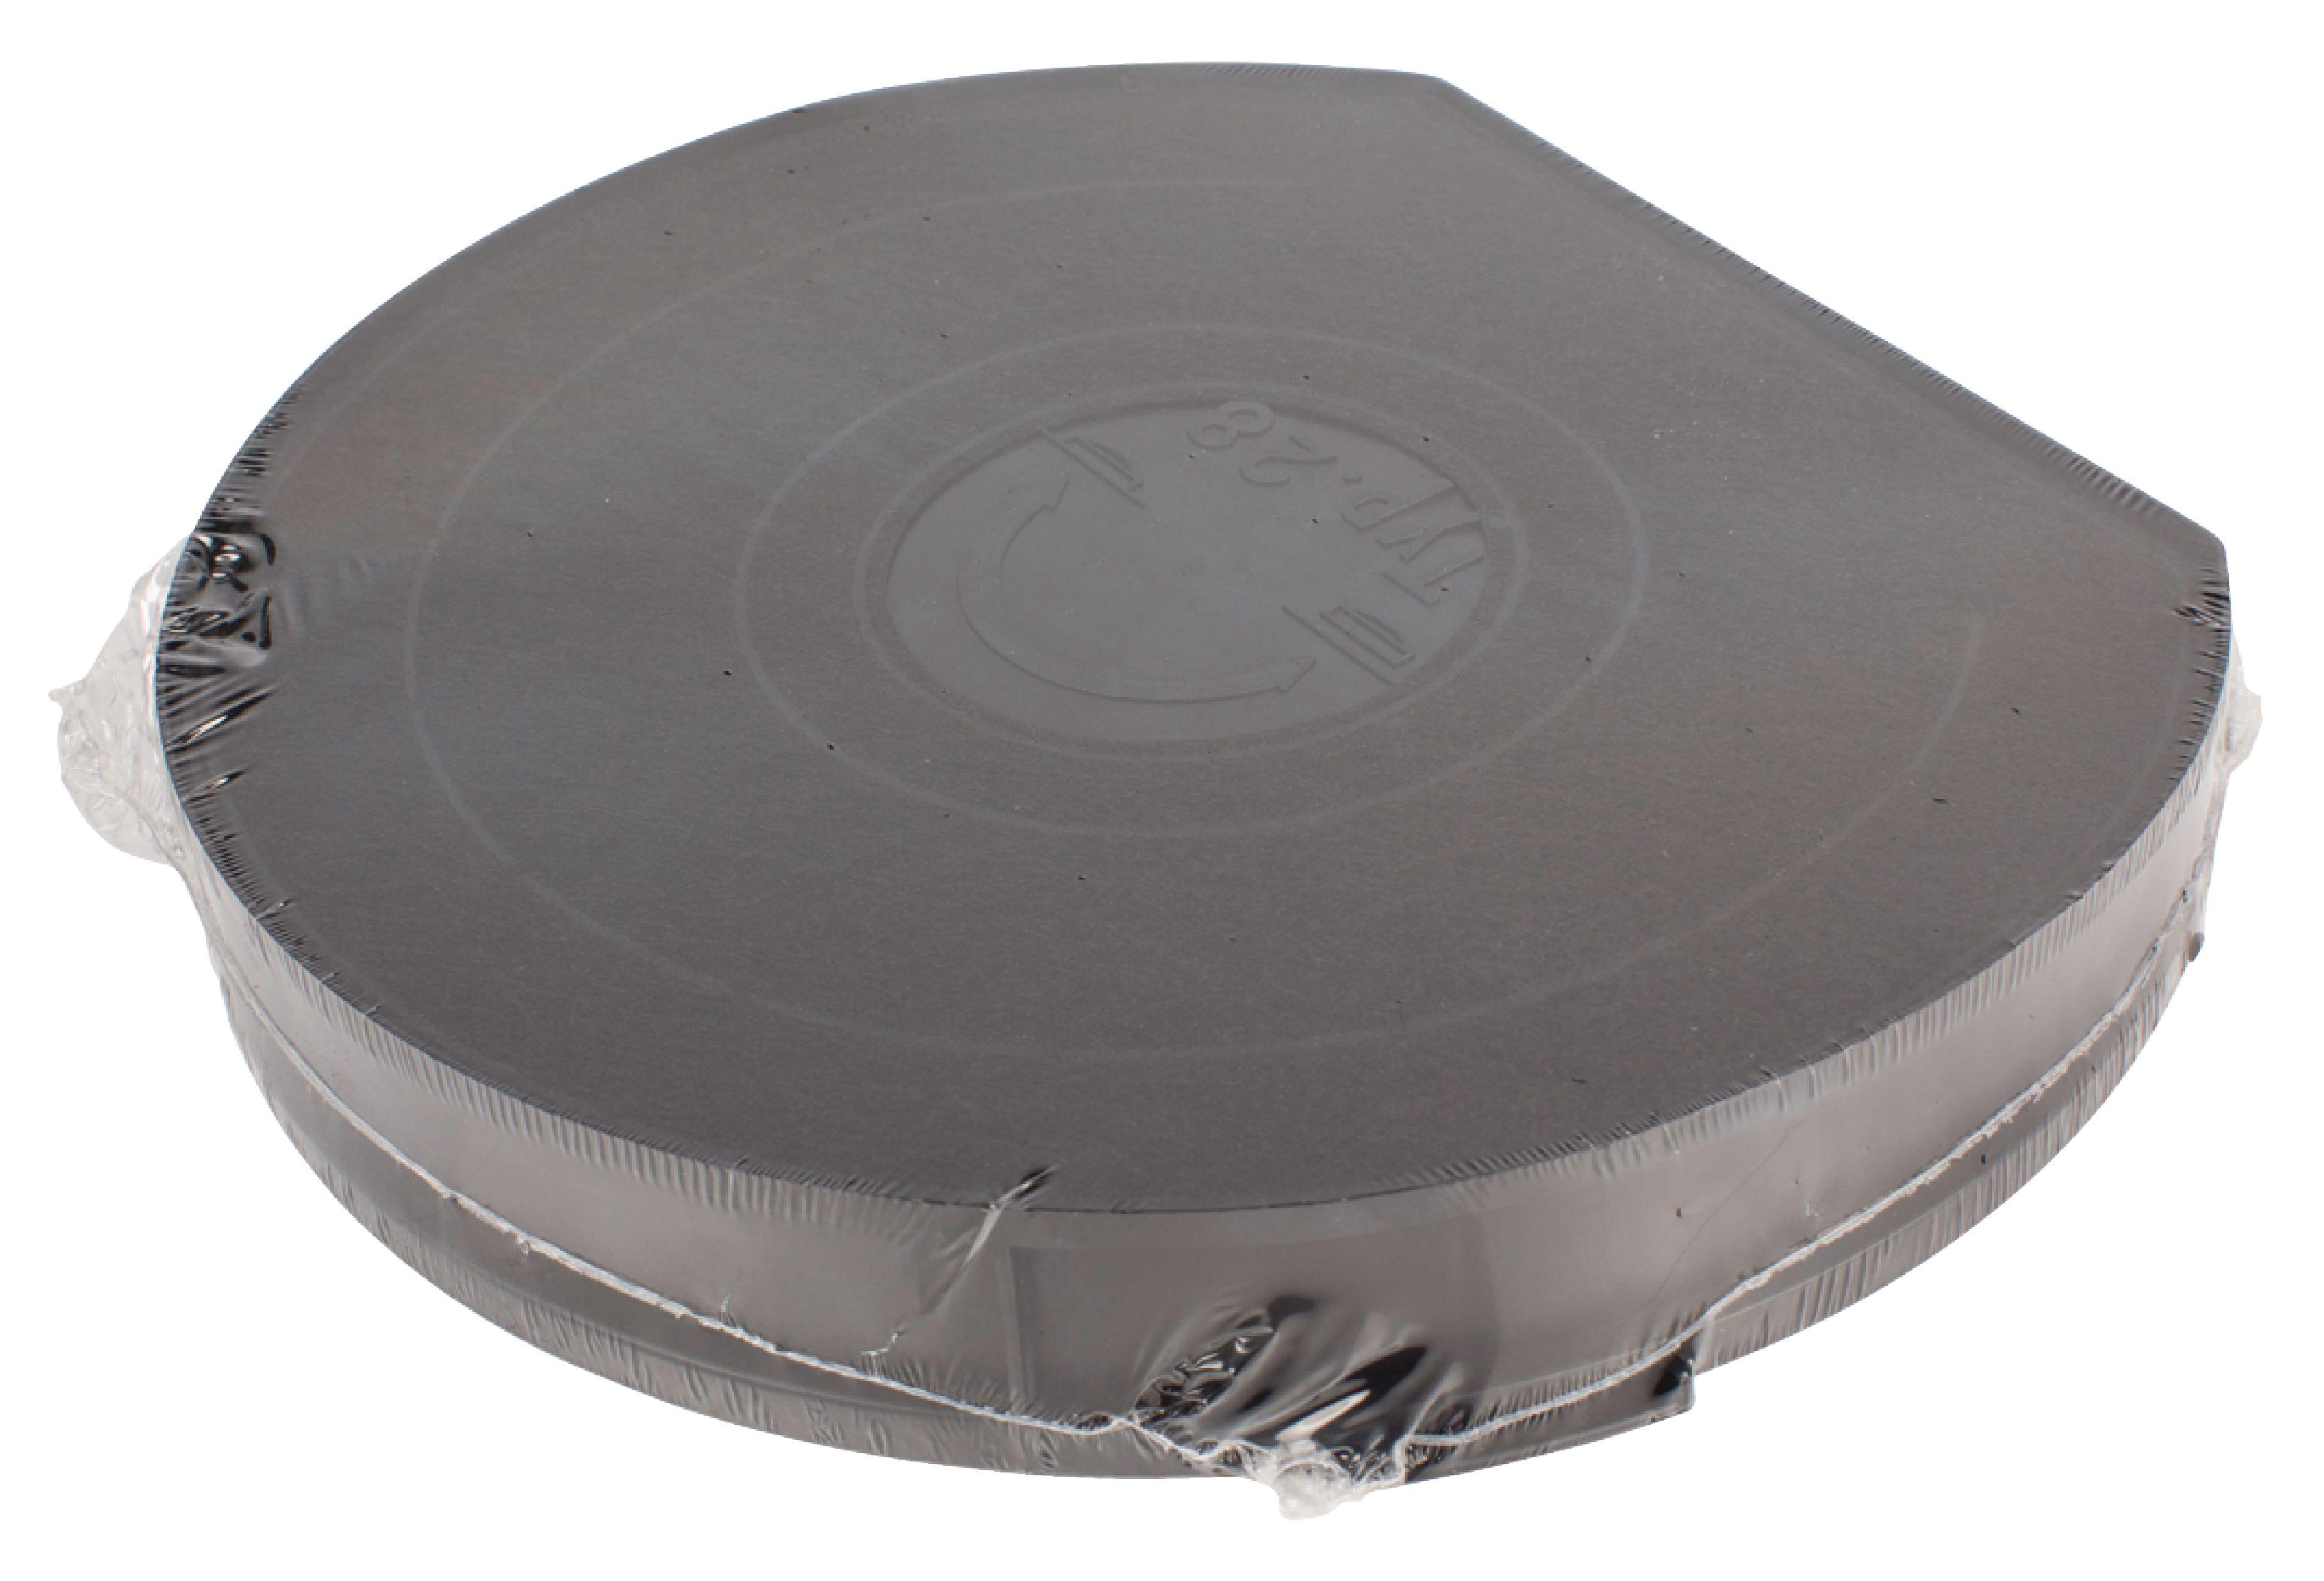 Uhlíkový filtr do digestoře, OE 24 cm Electrolux 9029793727